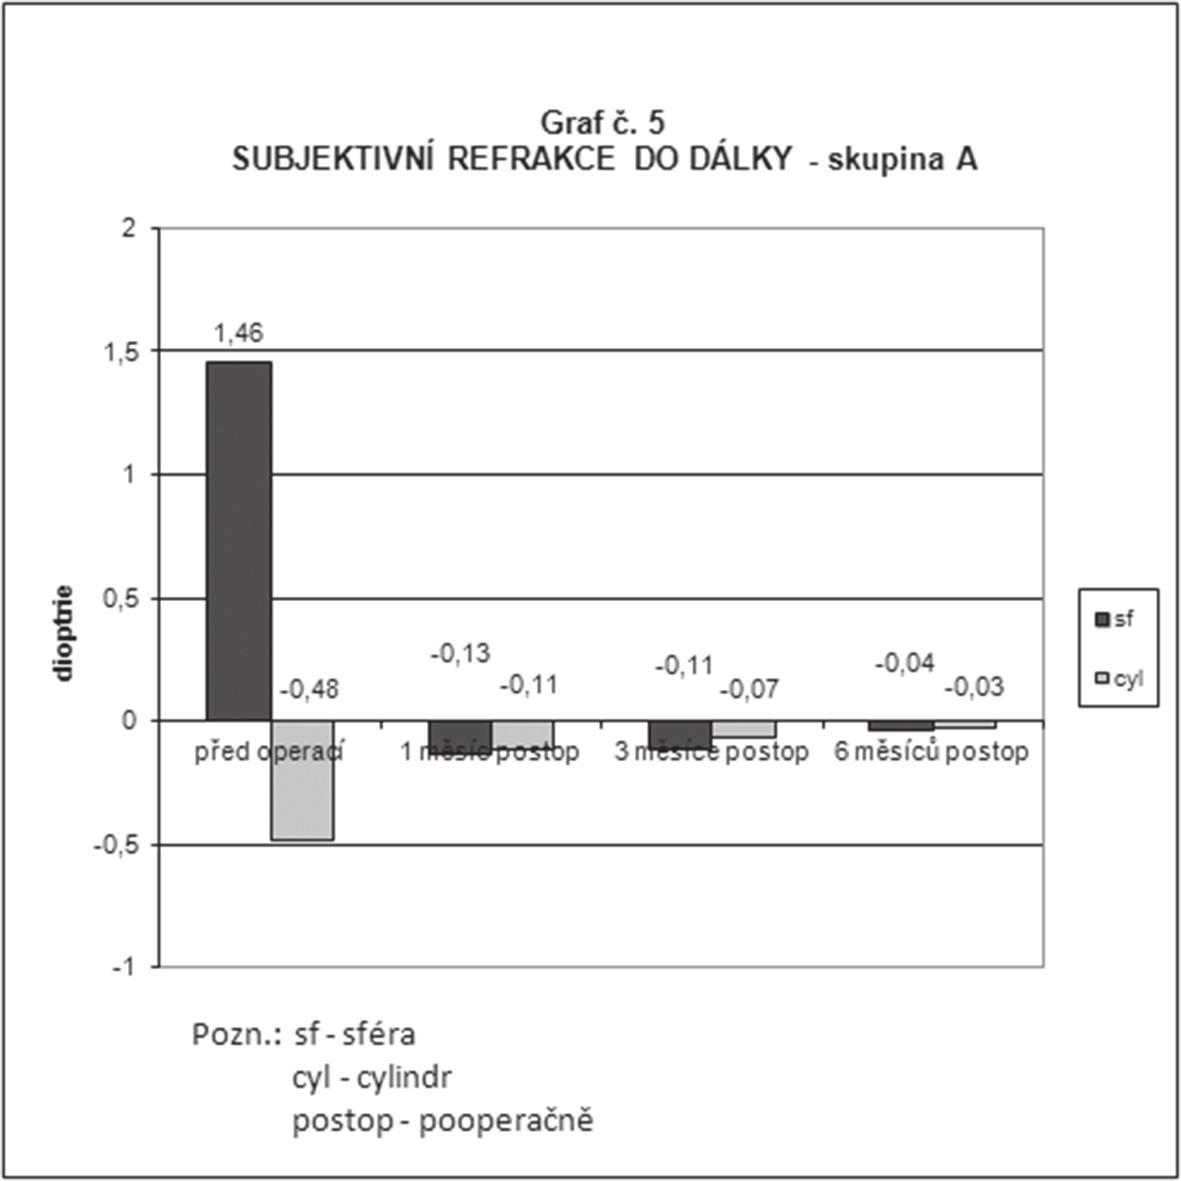 Průměrné hodnoty subjektivní refrakce do dálky ve skupině A (implantace nitrooční čočky LENTIS Mplus) předoperačně, 1 měsíc, 3 měsíce a 6 měsíců po operaci